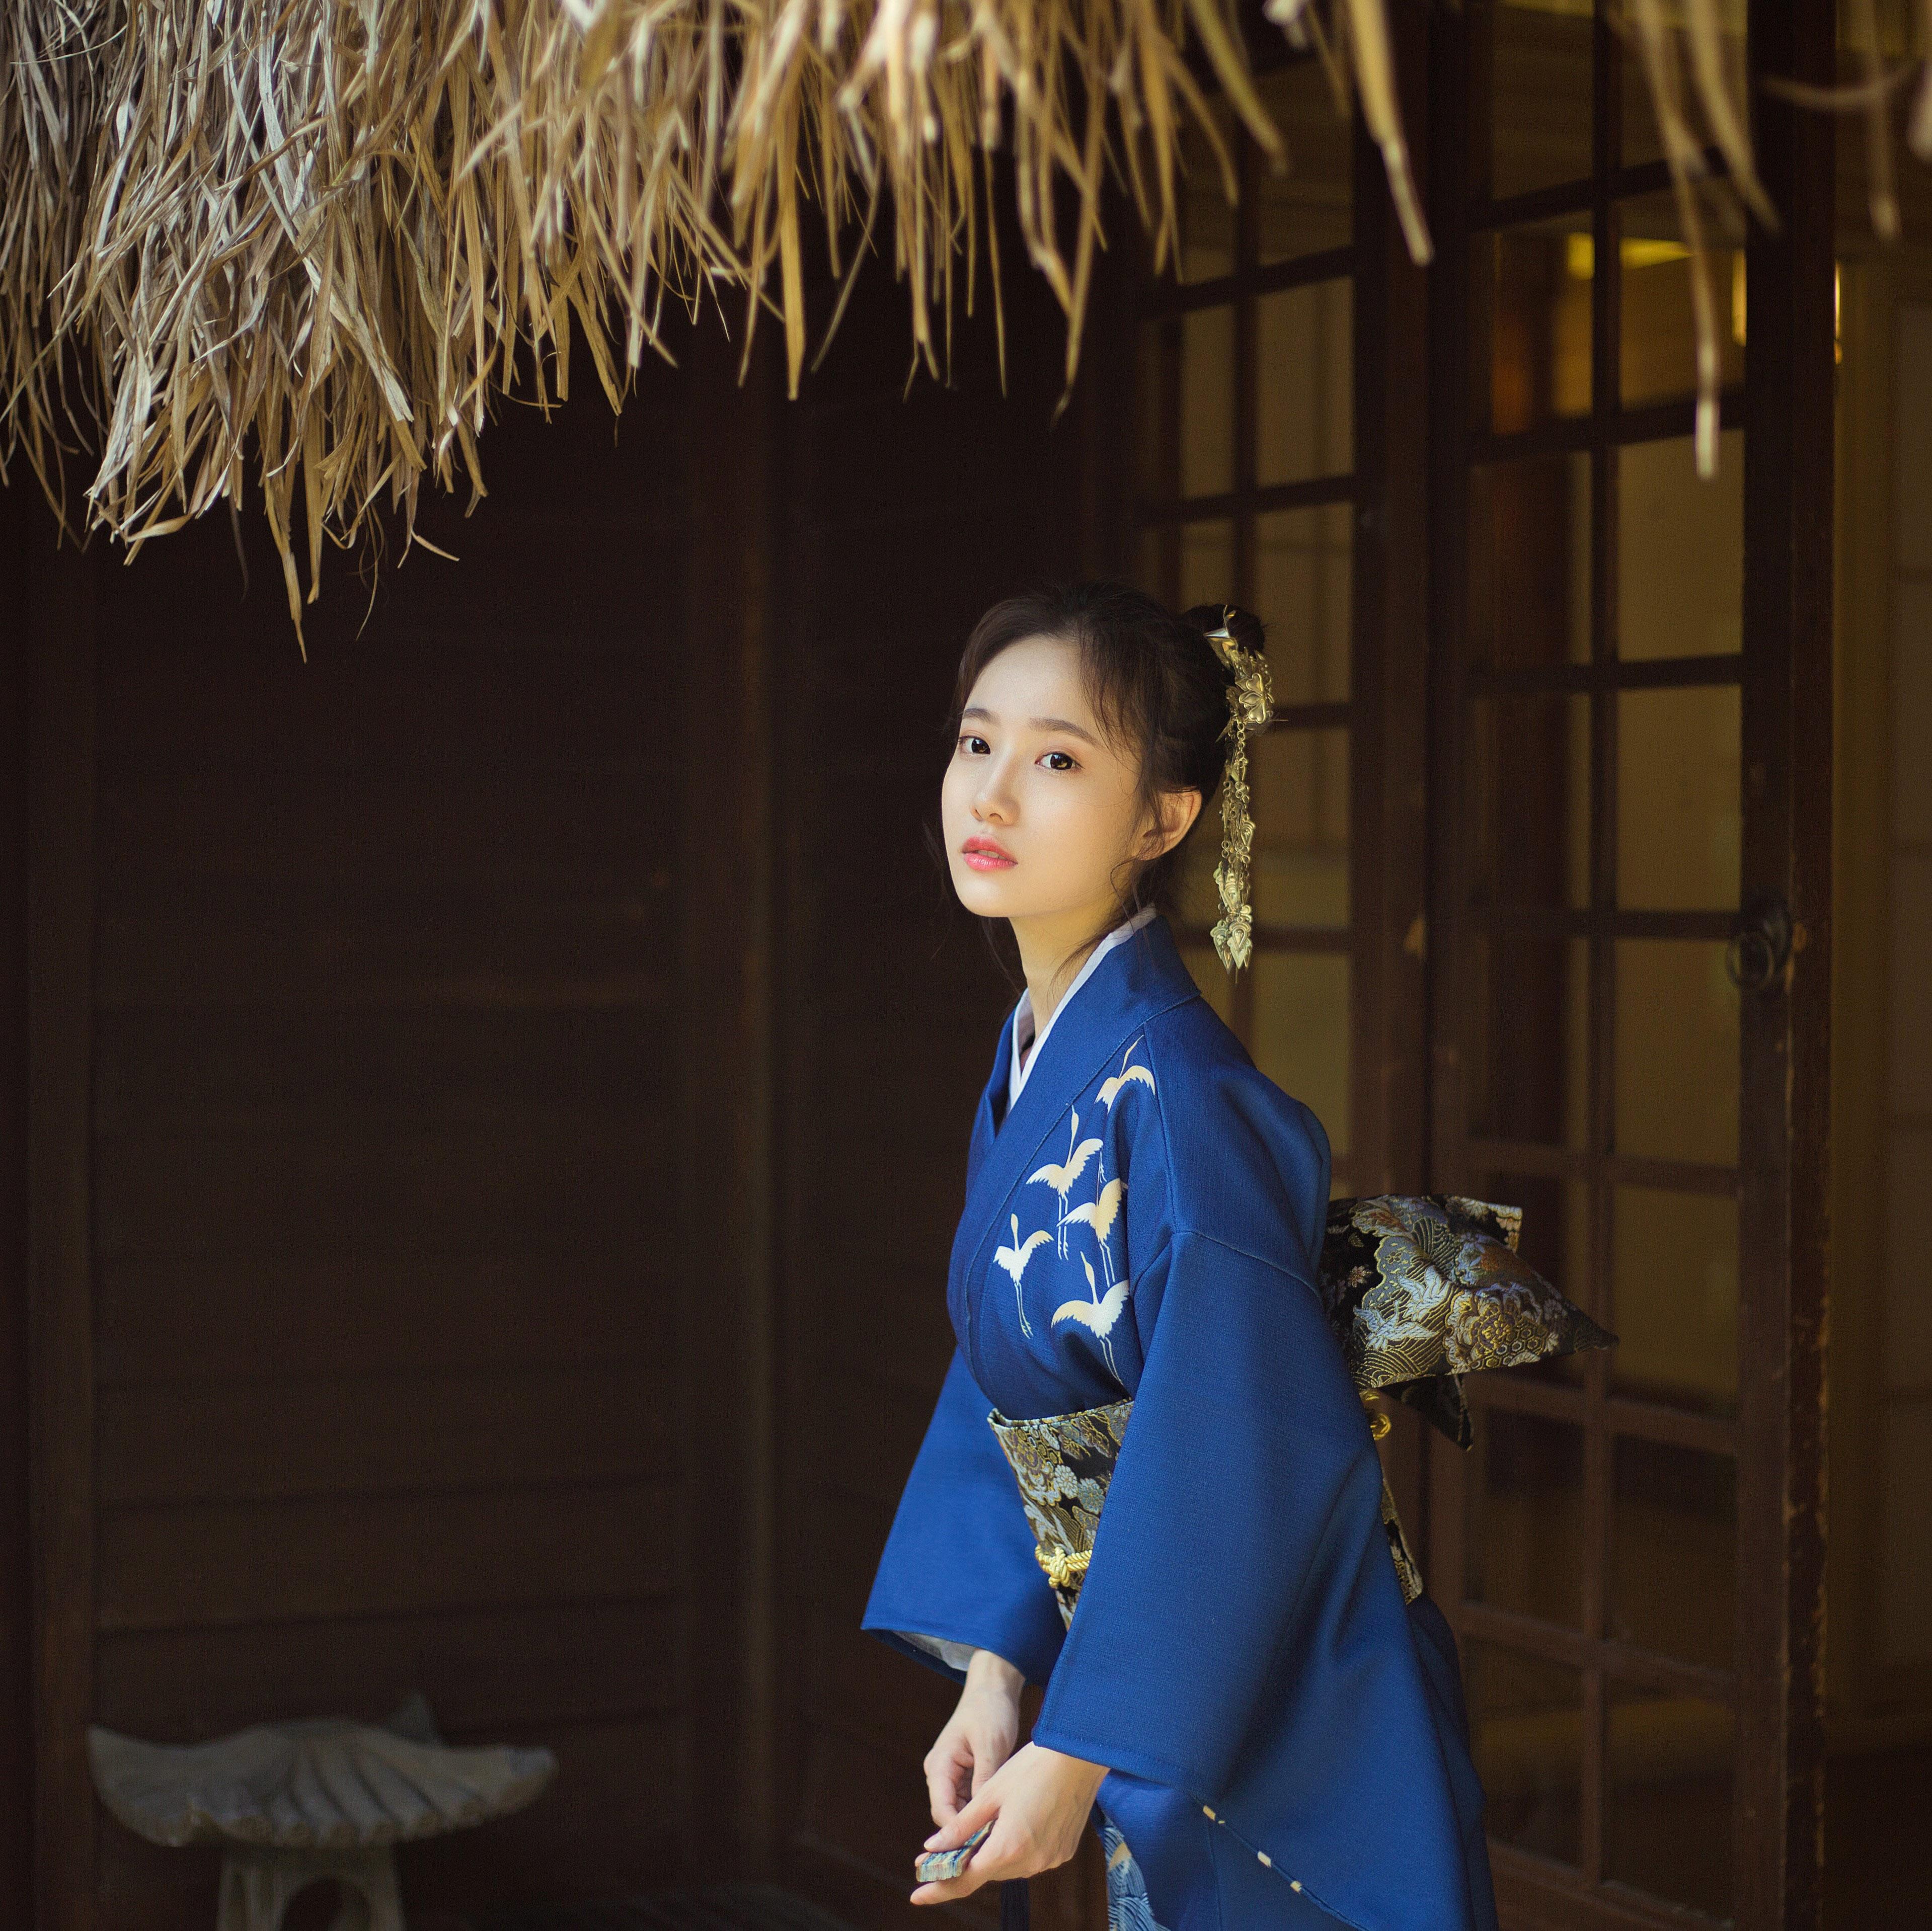 限时赏味日式和风浴衣古着风文艺复古少女连衣裙改良和服